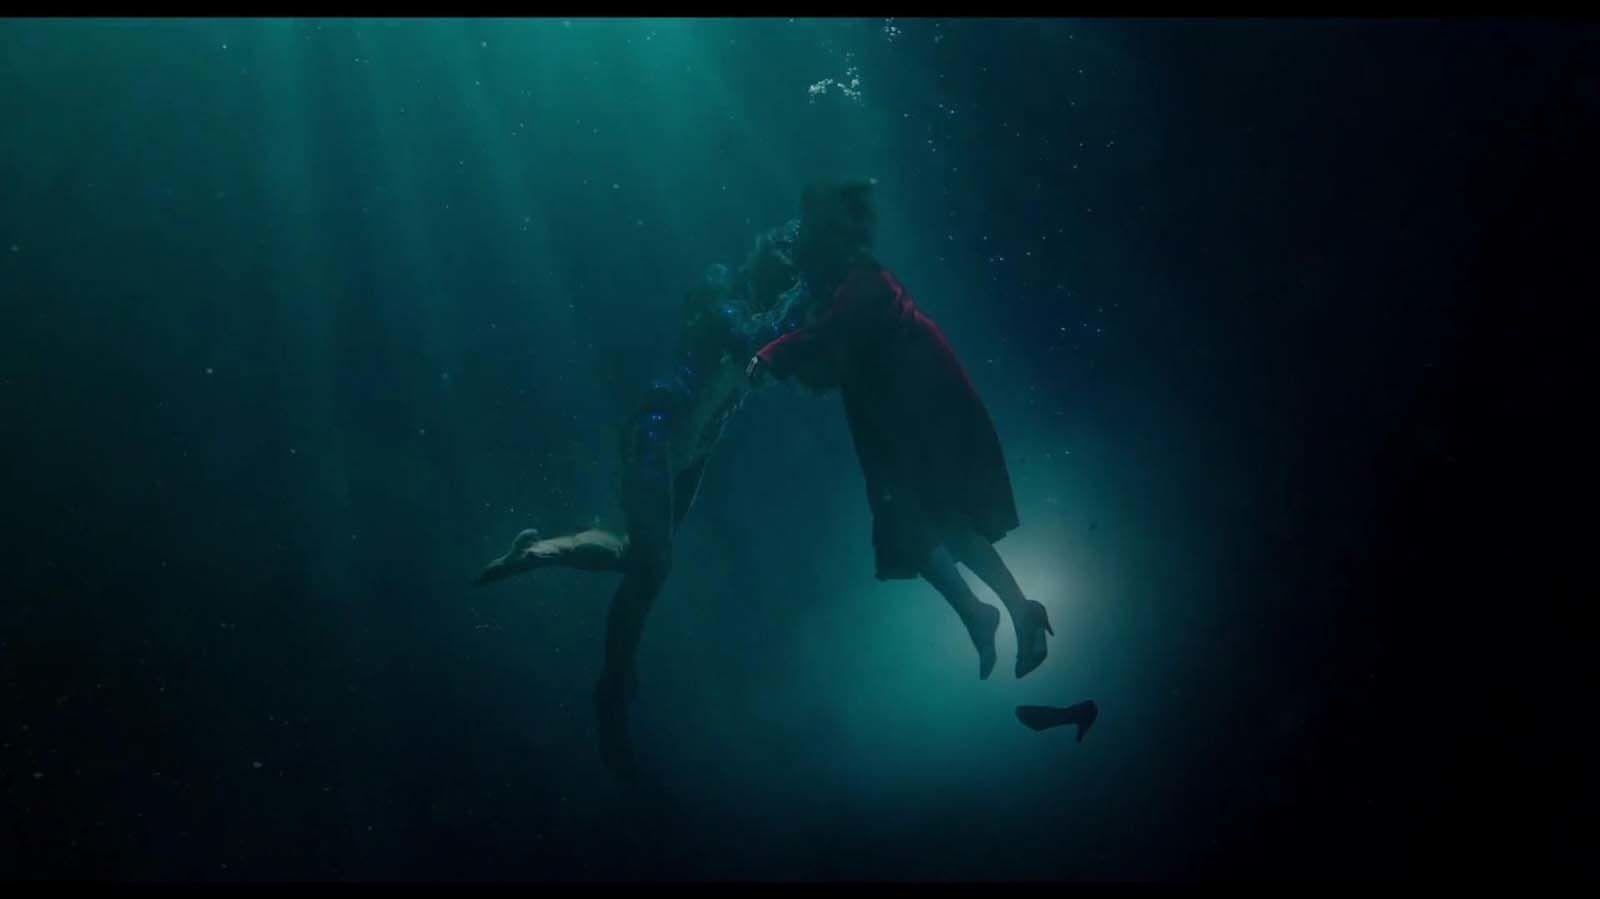 La Forme de l'Eau - The Shape of Water de Guillermo del Toro - Le 21 février 2018 au cinéma